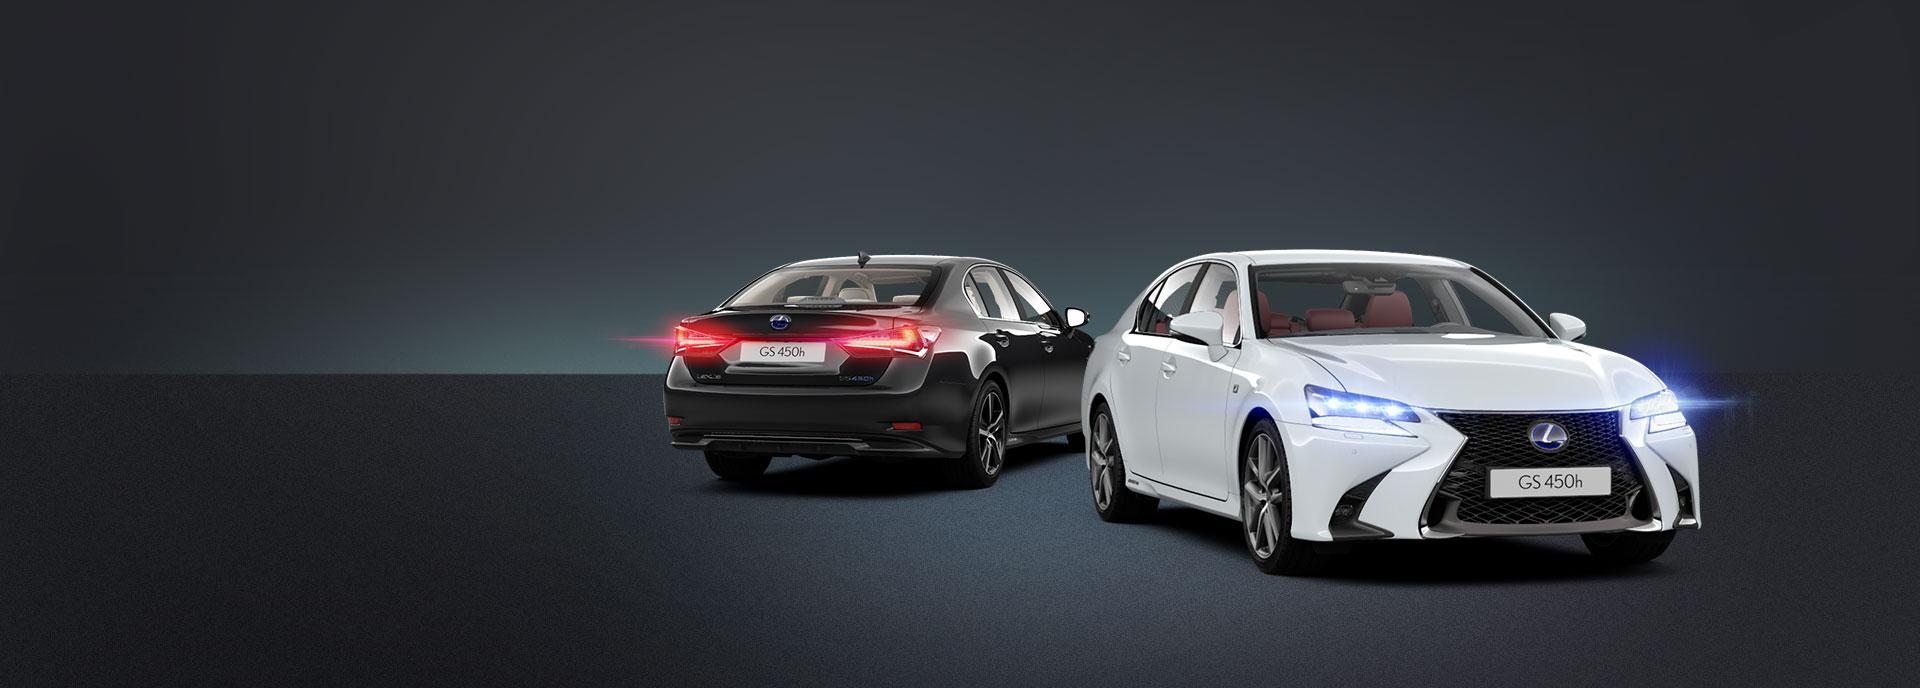 Modelos GS 450h versiones